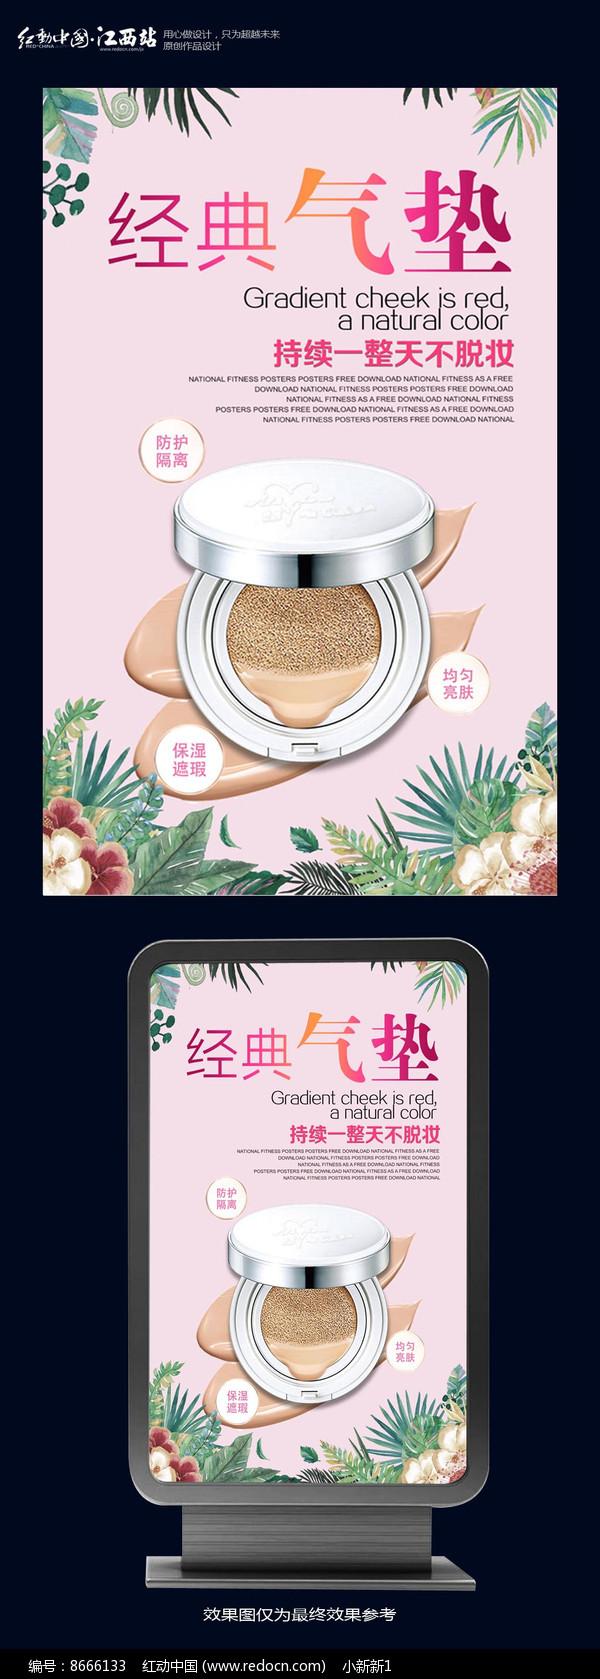 经典气垫化妆品促销海报设计图片